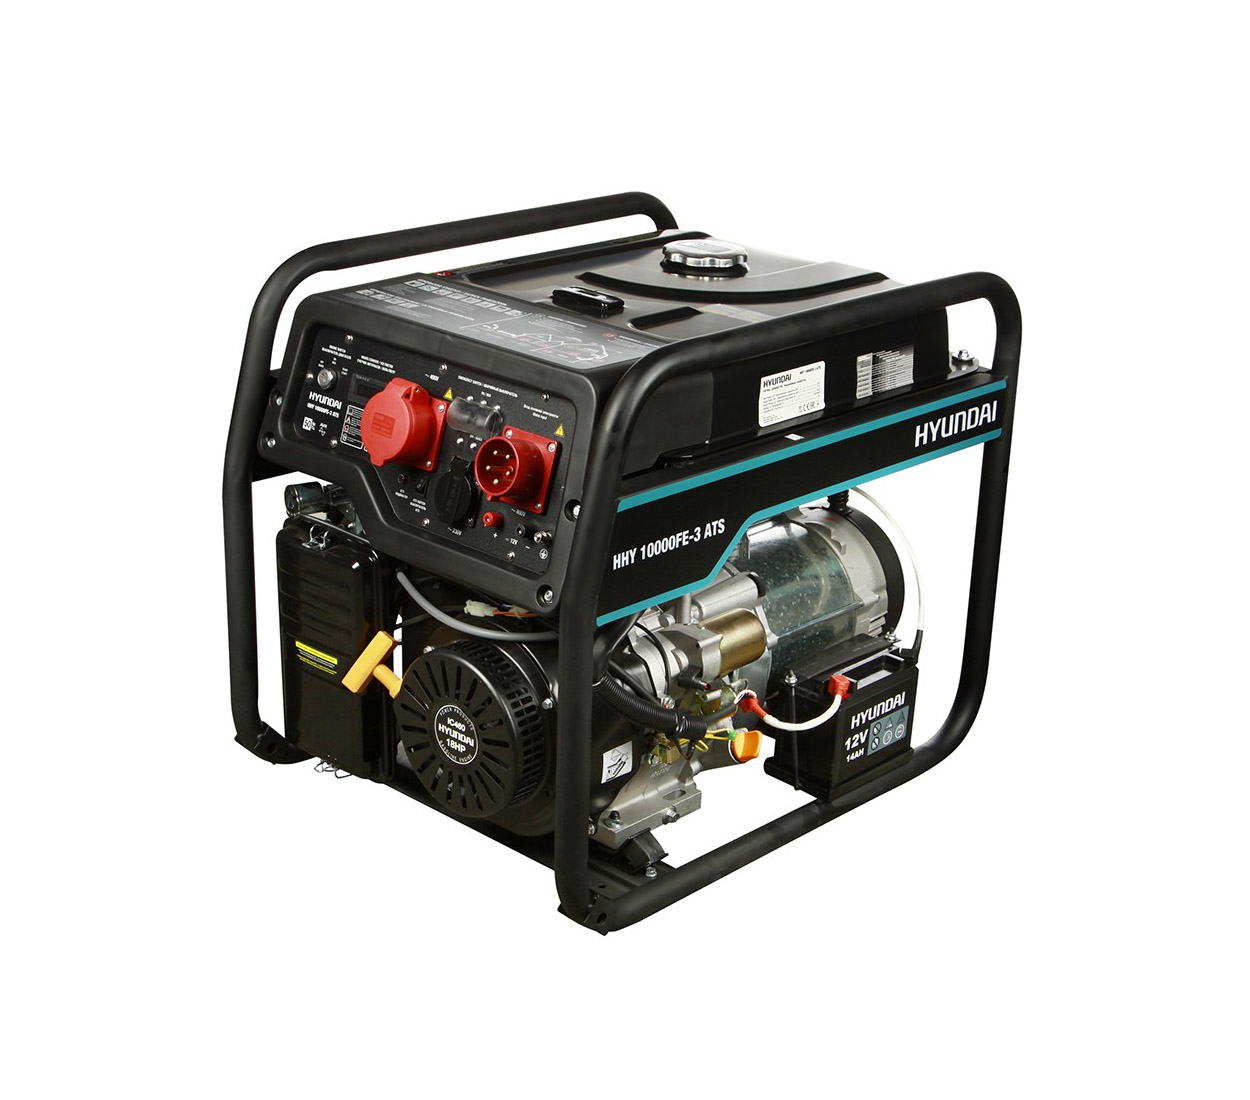 Бензиновый генератор (Бензогенератор) HYUNDAI HHY 10000FE-3 ATS